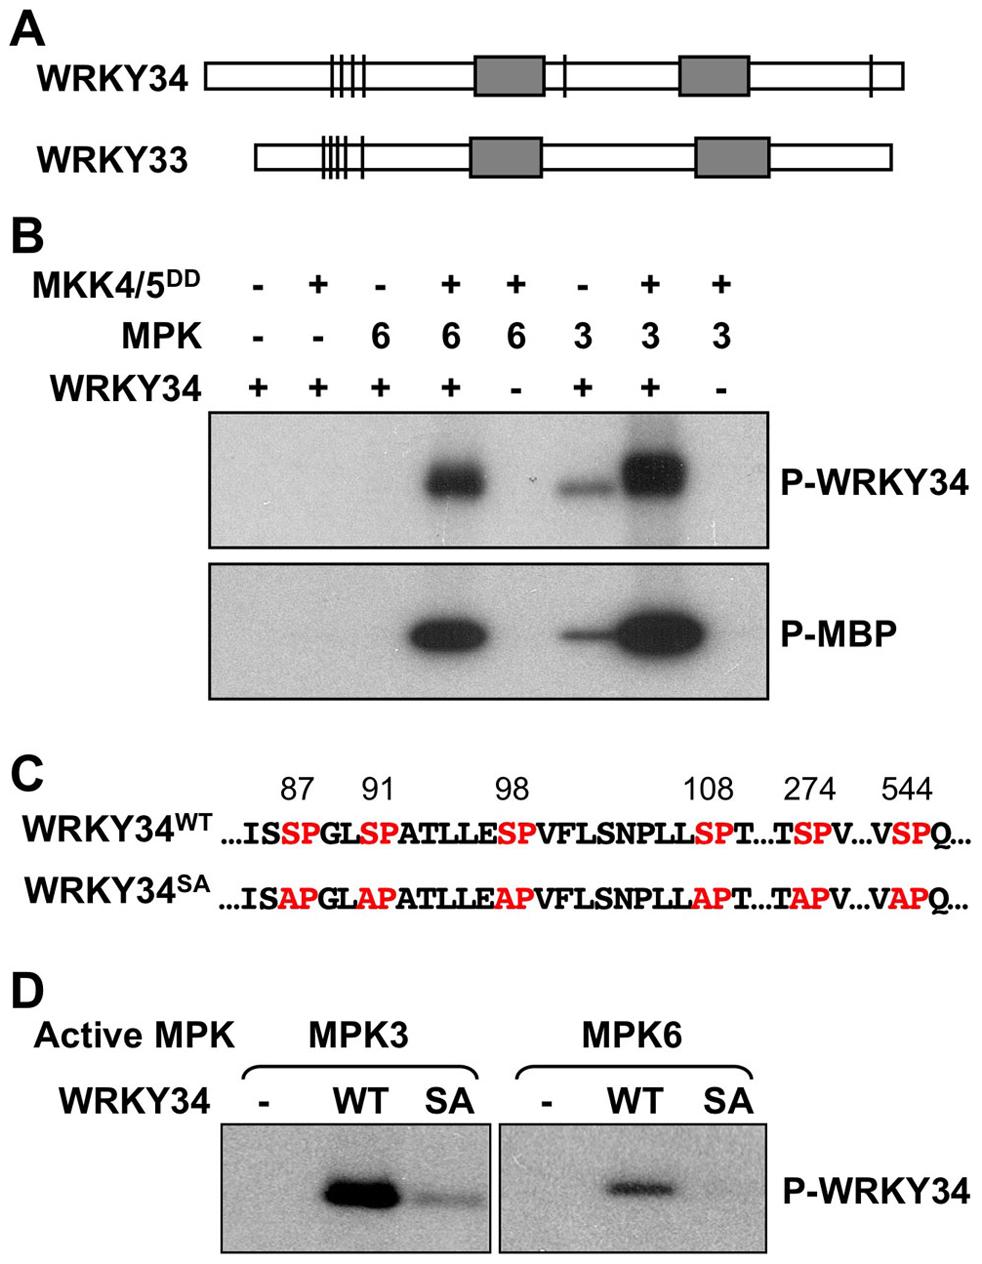 <i>In vitro</i> phosphorylation of WRKY34 by MPK3 and MPK6.